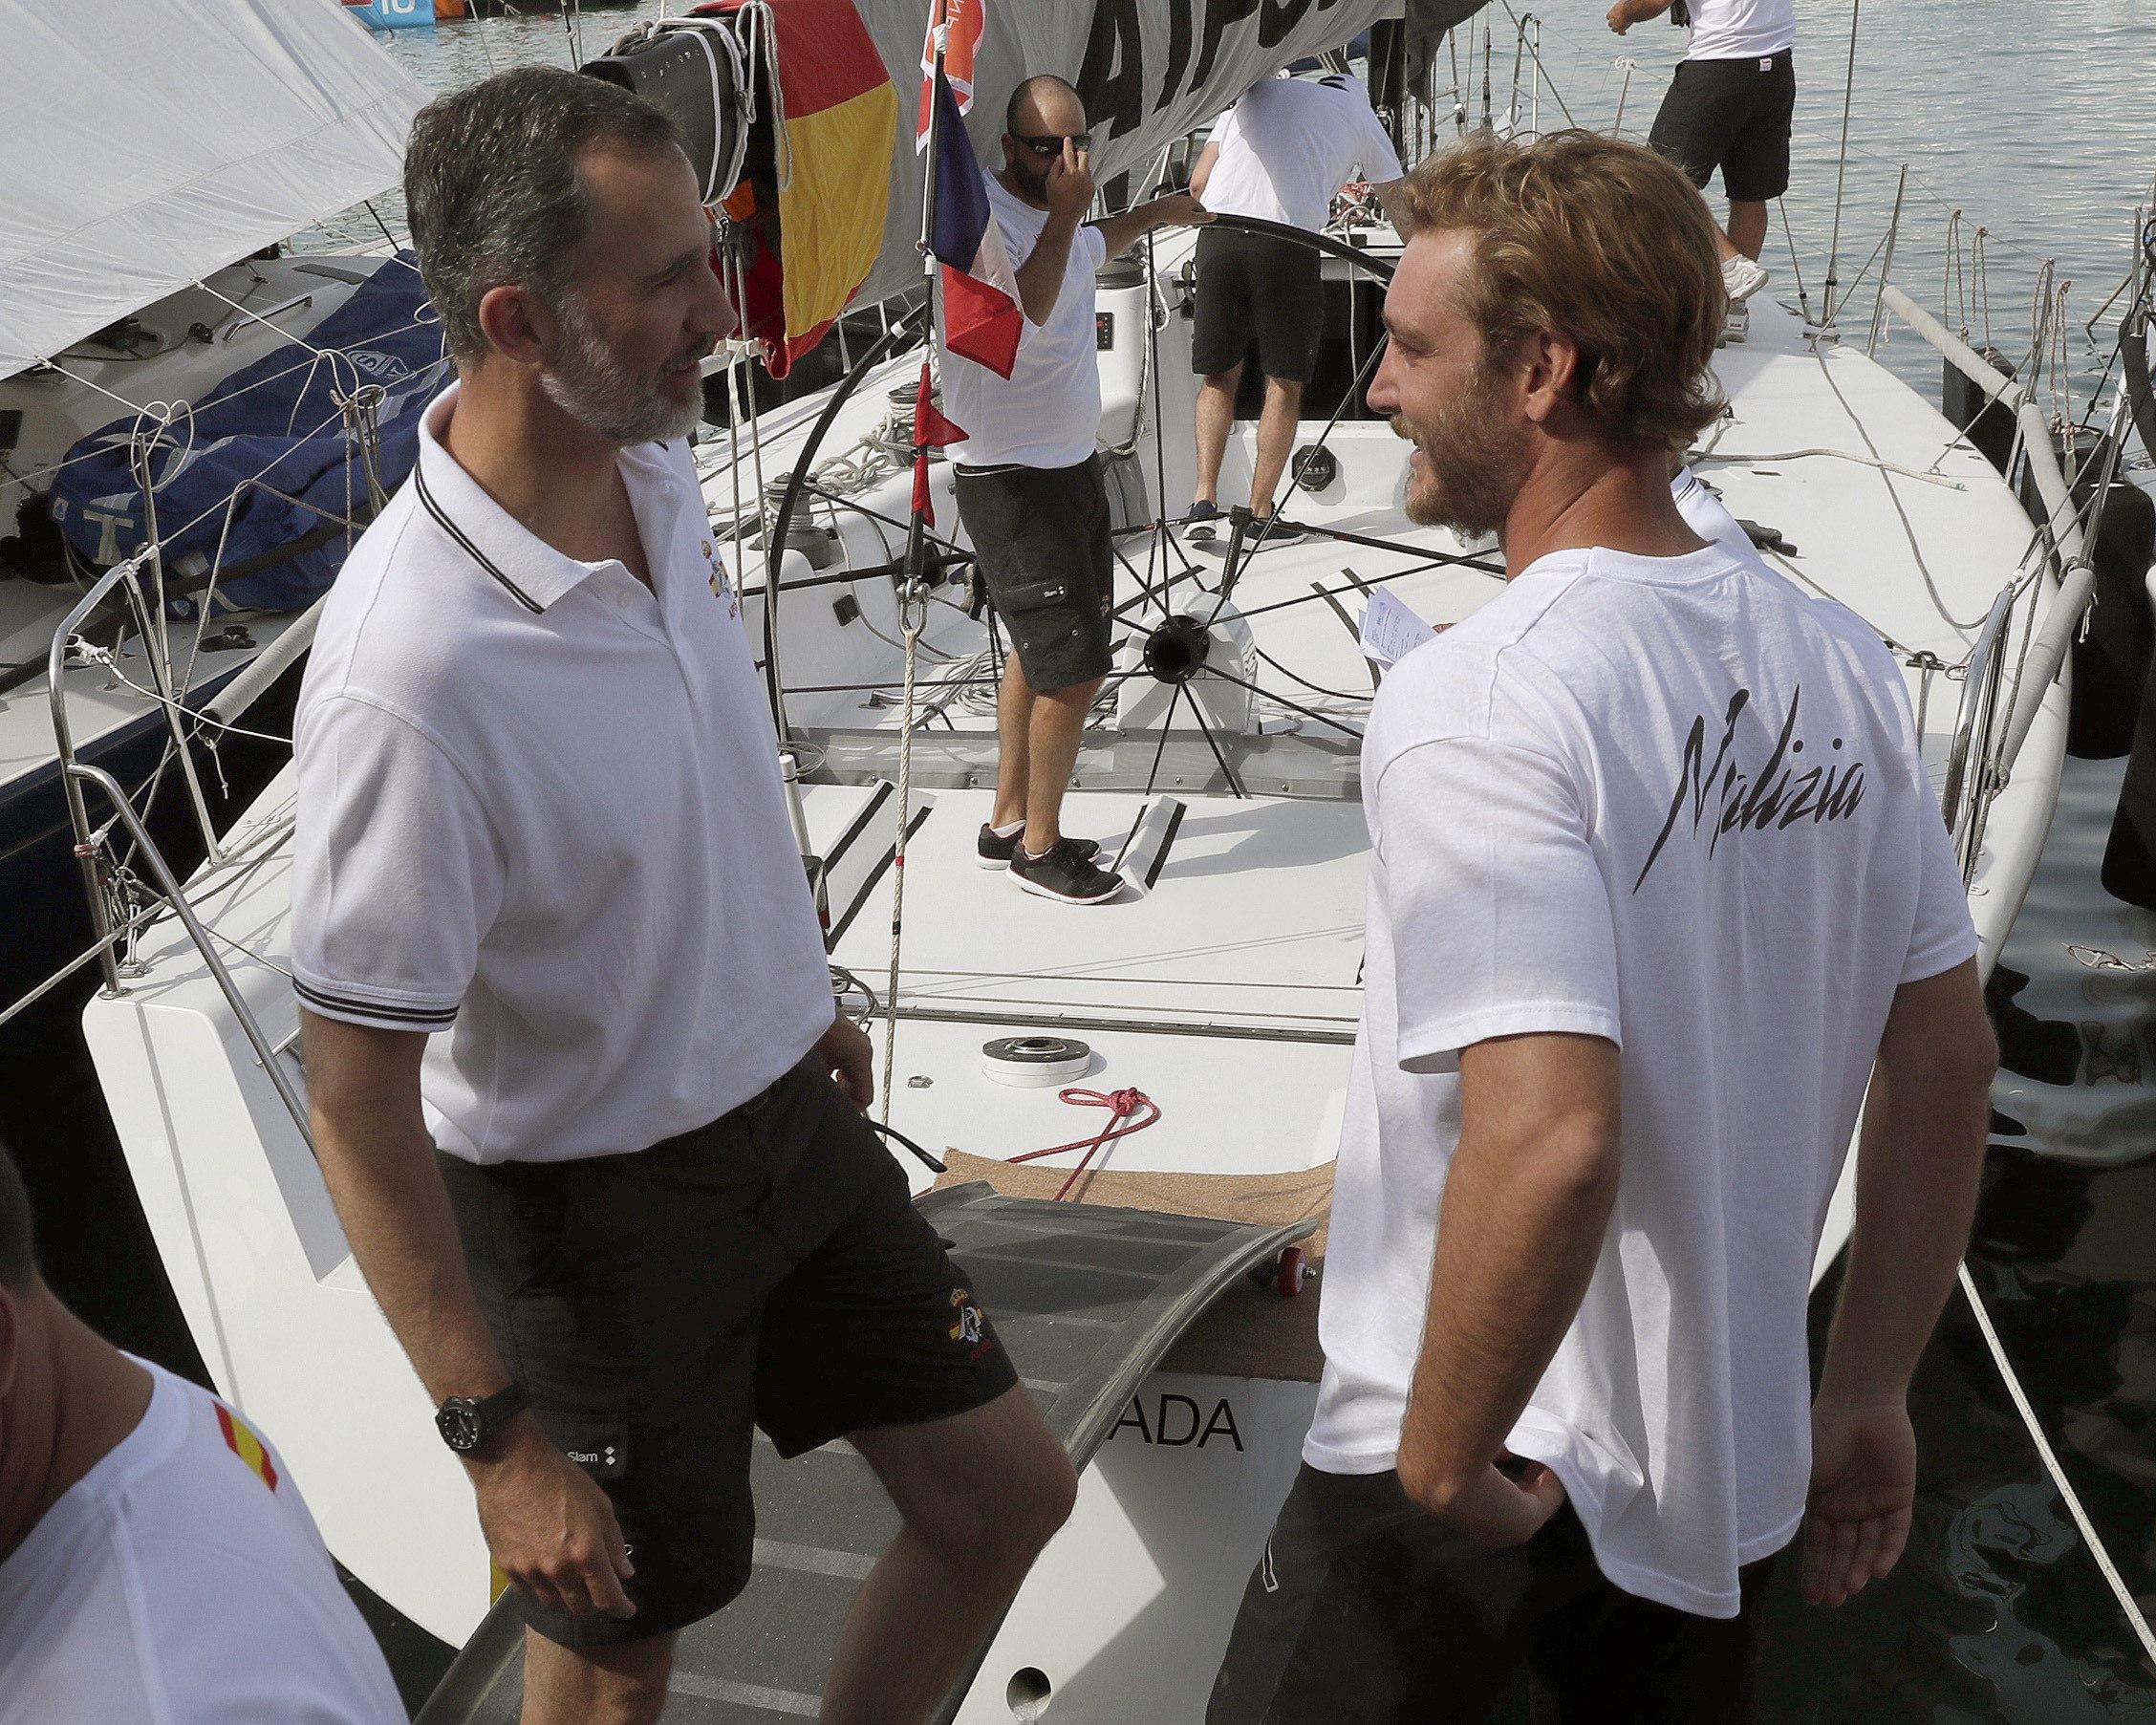 El rei Felip VI, que capitaneja la tripulació de l'Aifos', conversa amb Pierre Casiraghi (d), patró del Malizia, en el Club Nàutic de Palma. /BALLESTEROS